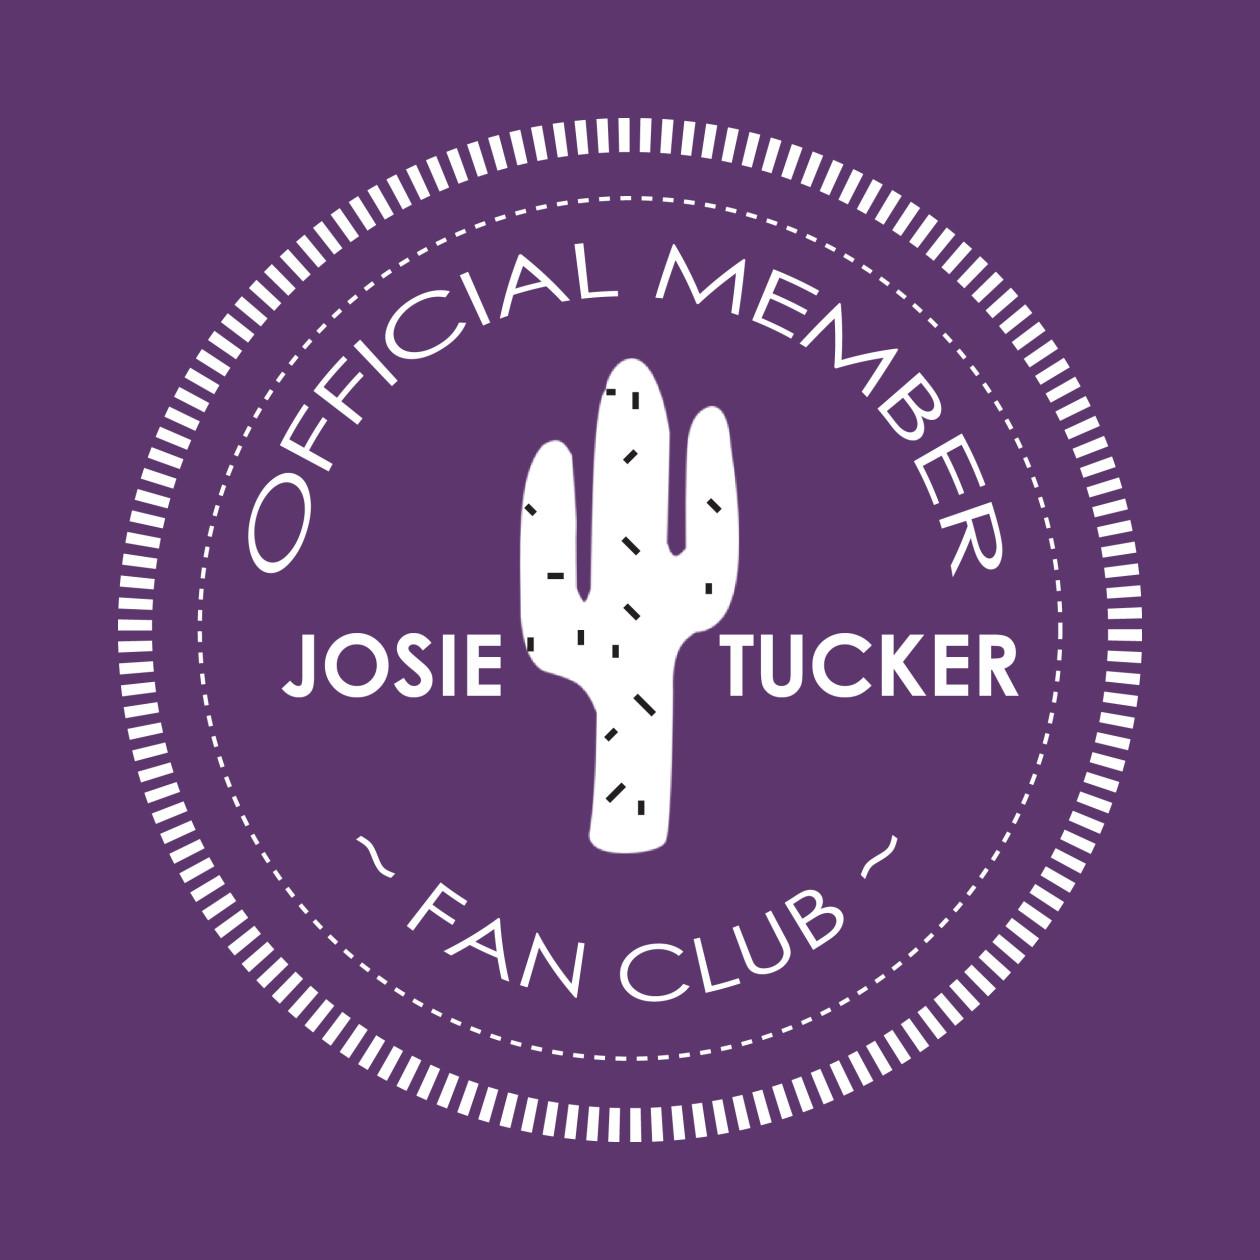 Josie Tucker Fan Club